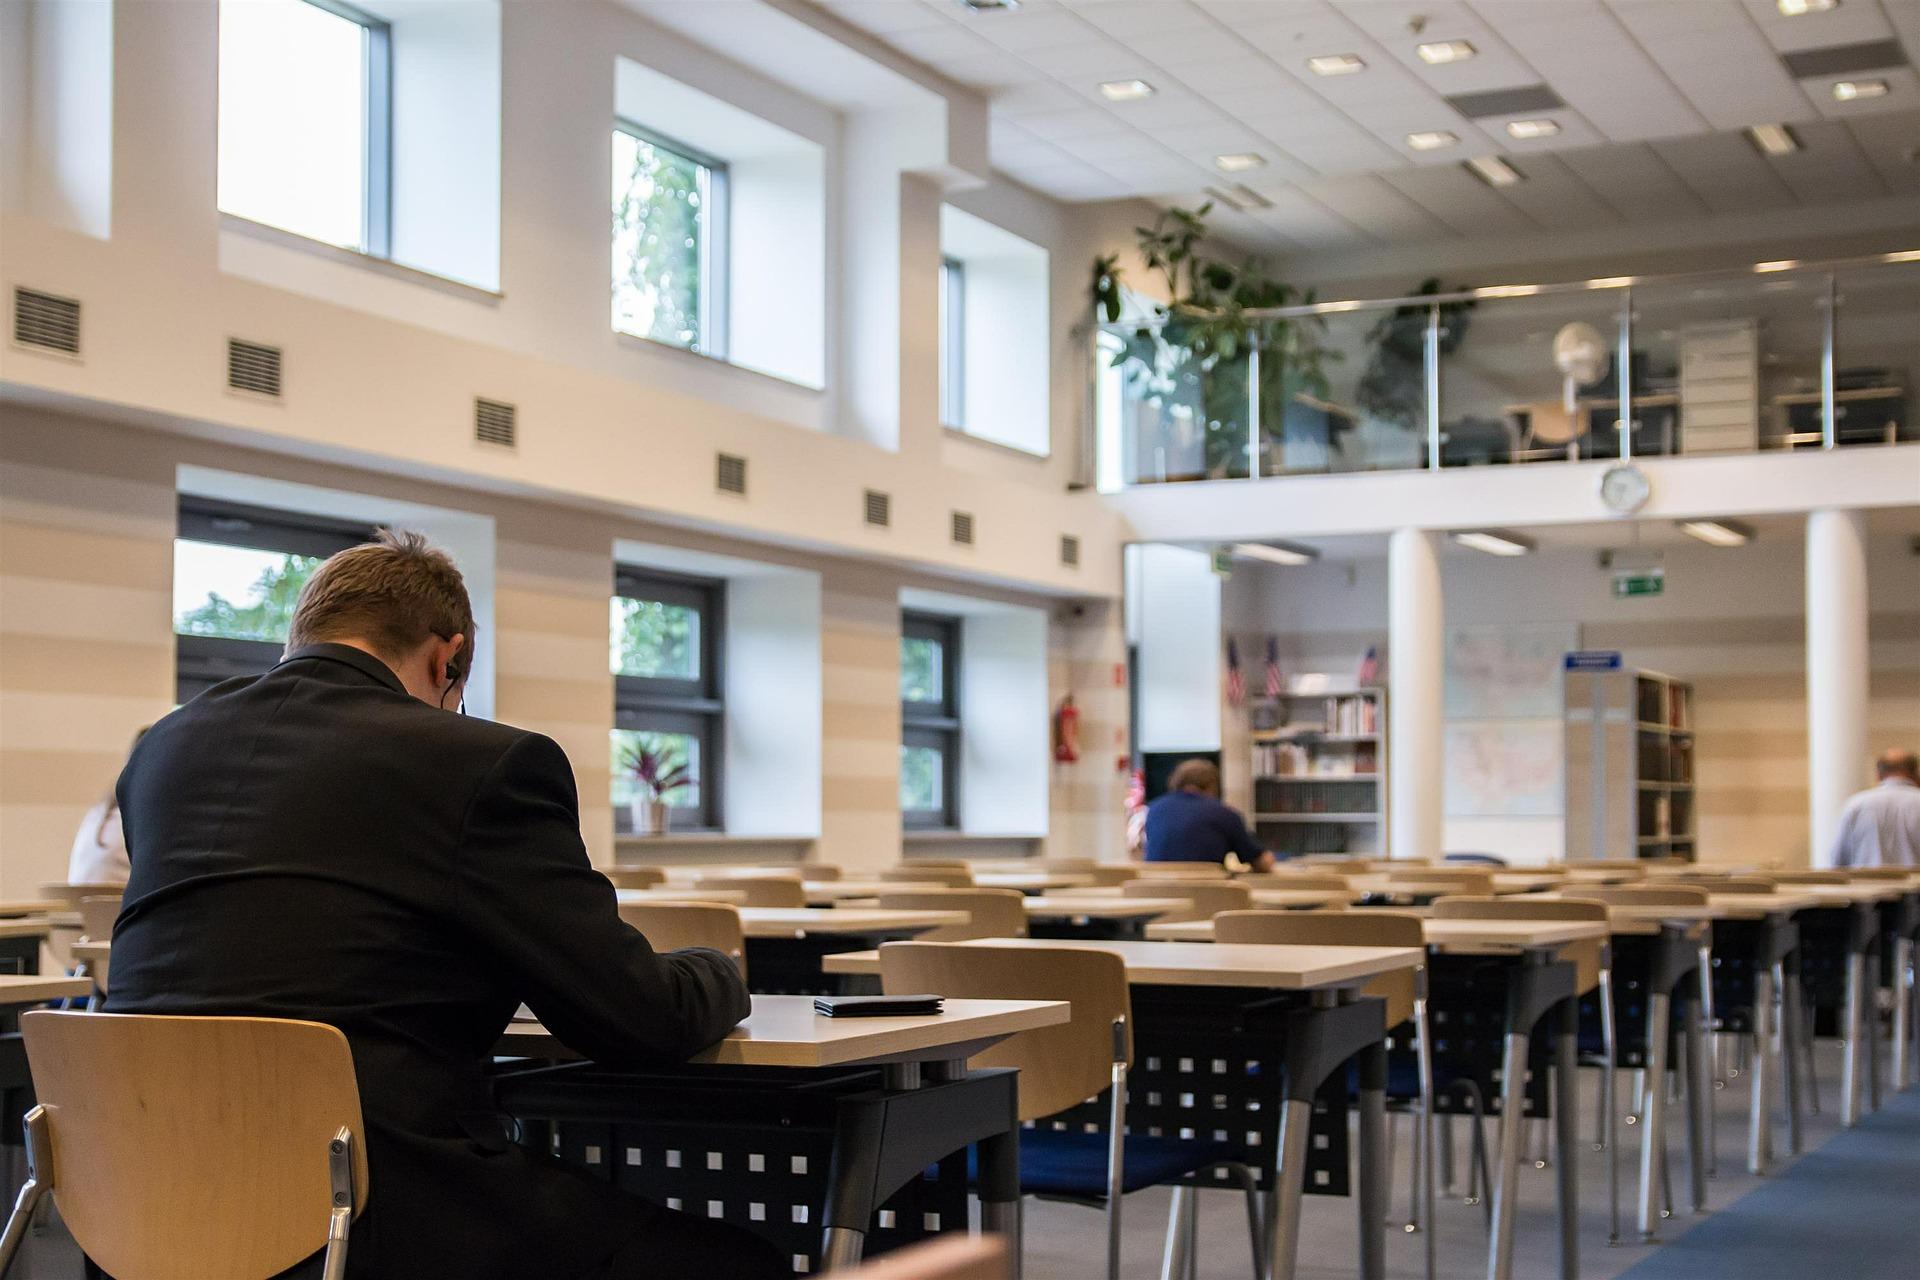 古い図書館と新しい図書館では勉強の効率が変わるんです!